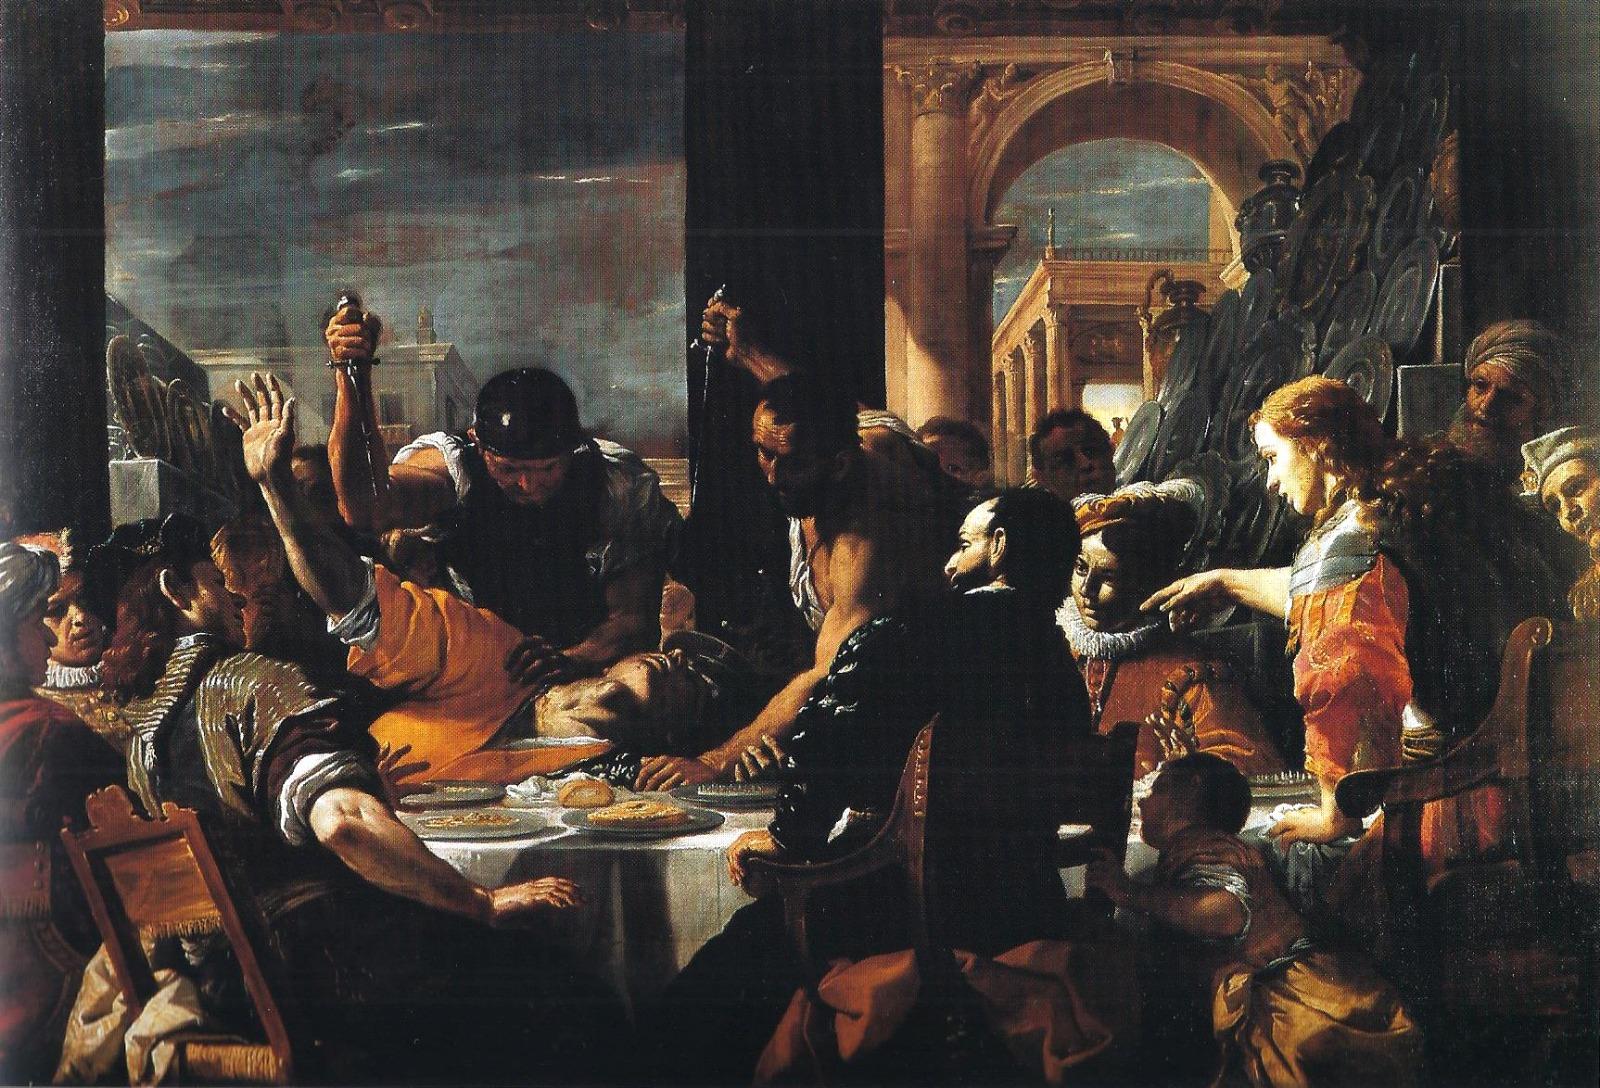 M. Preti Scuola Napoletana